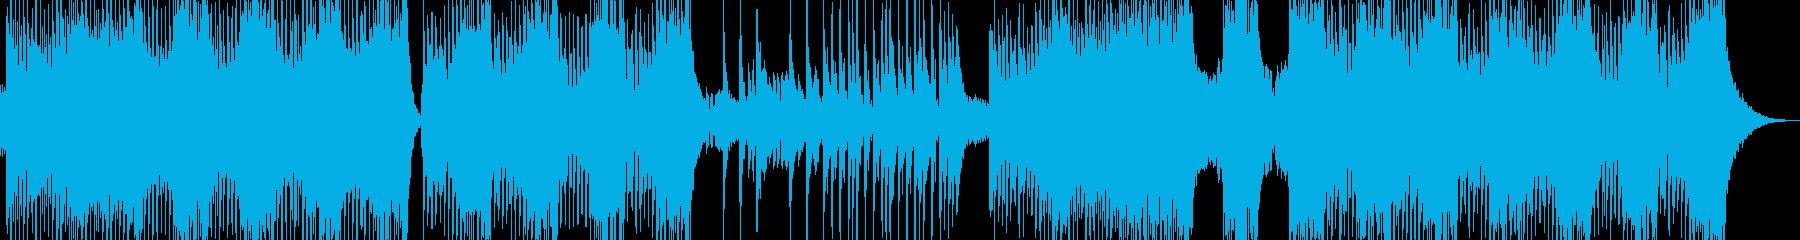 不気味な雰囲気放つエスニックテクノ 短尺の再生済みの波形